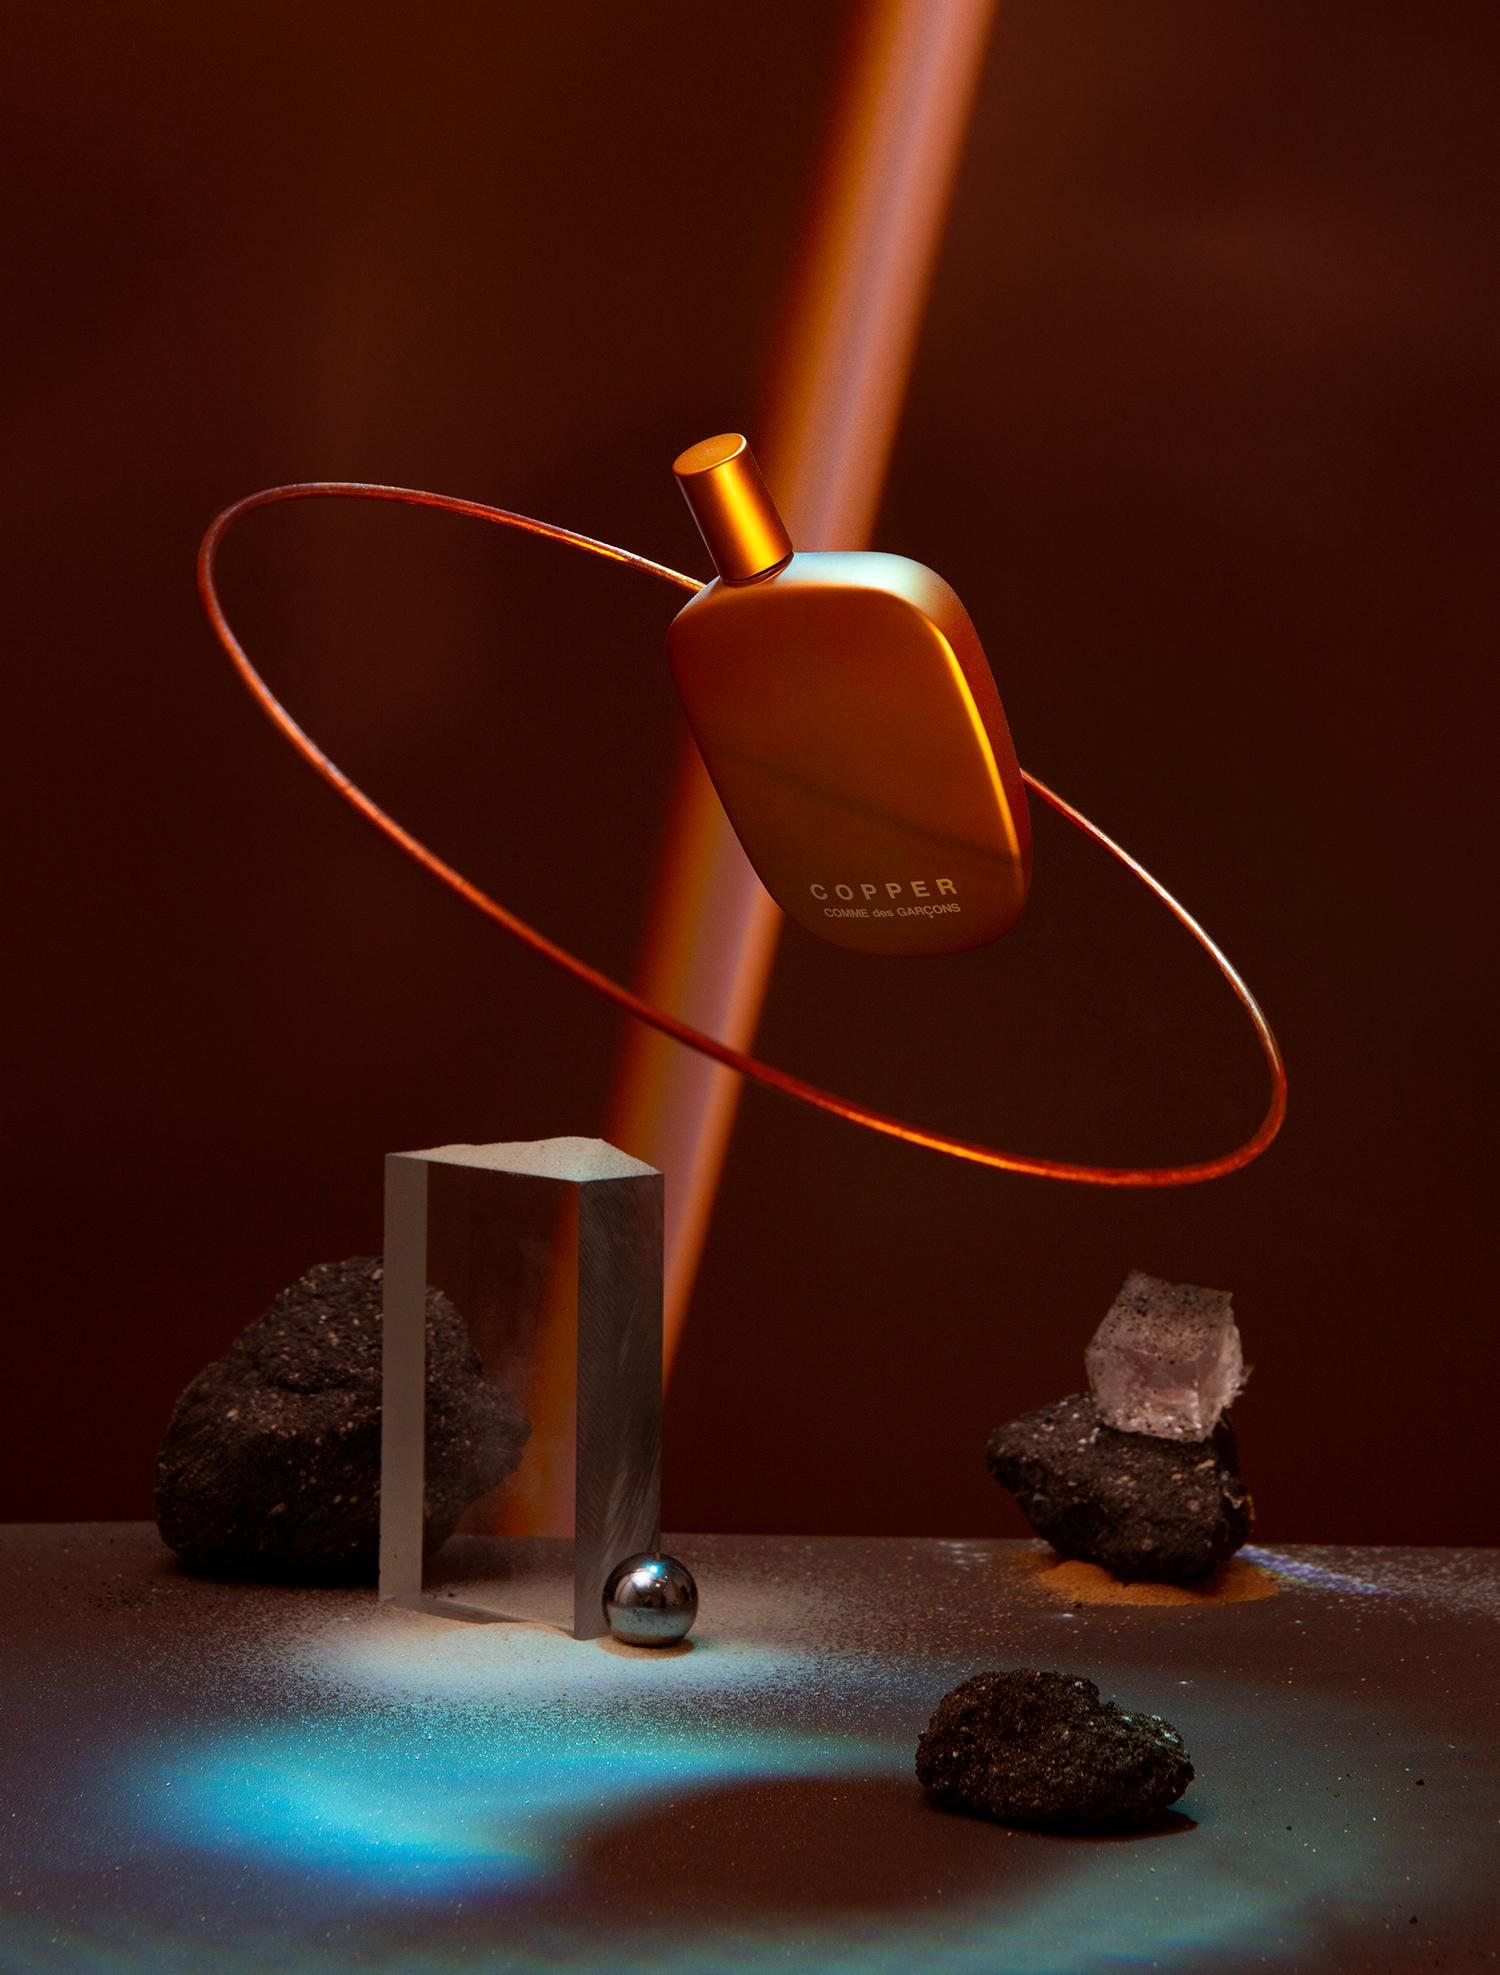 Парфюмерная вода Comme Des Garcons Copper Eau de Parfum